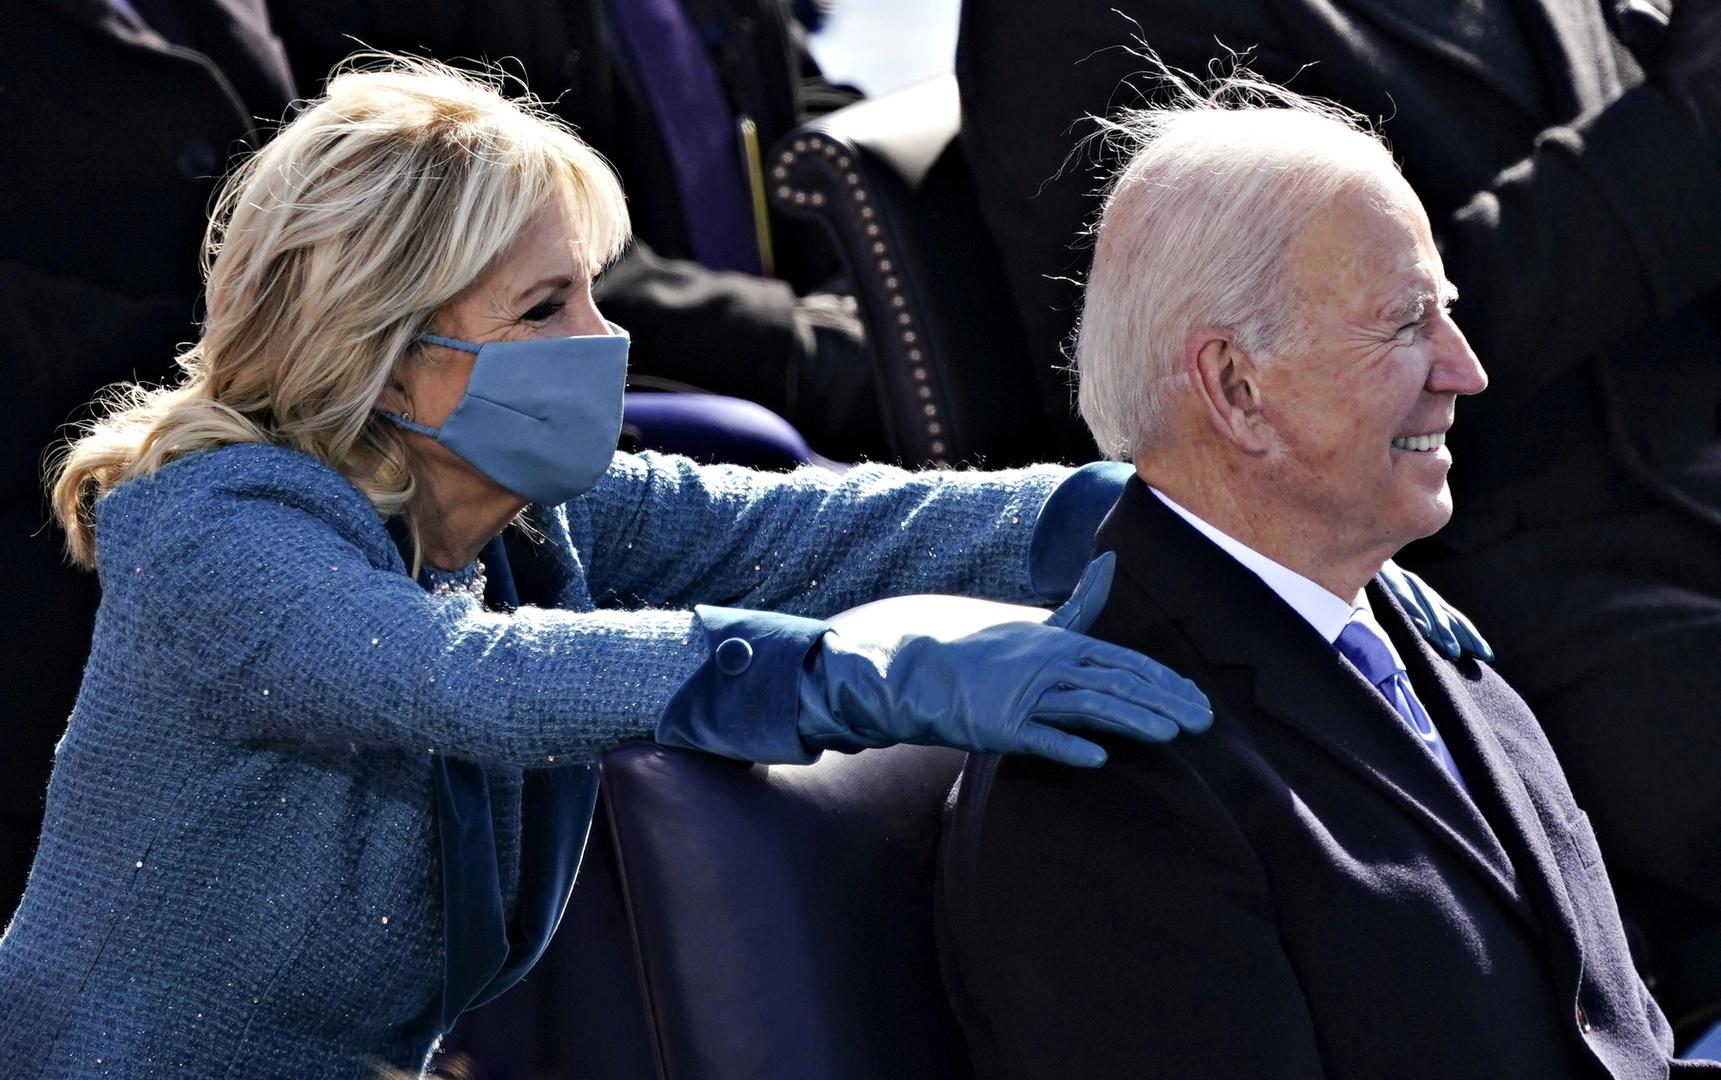 بالفيديو.. بايدن يصدر أول حزمة من المراسيم بصفته رئيسا للولايات المتحدة